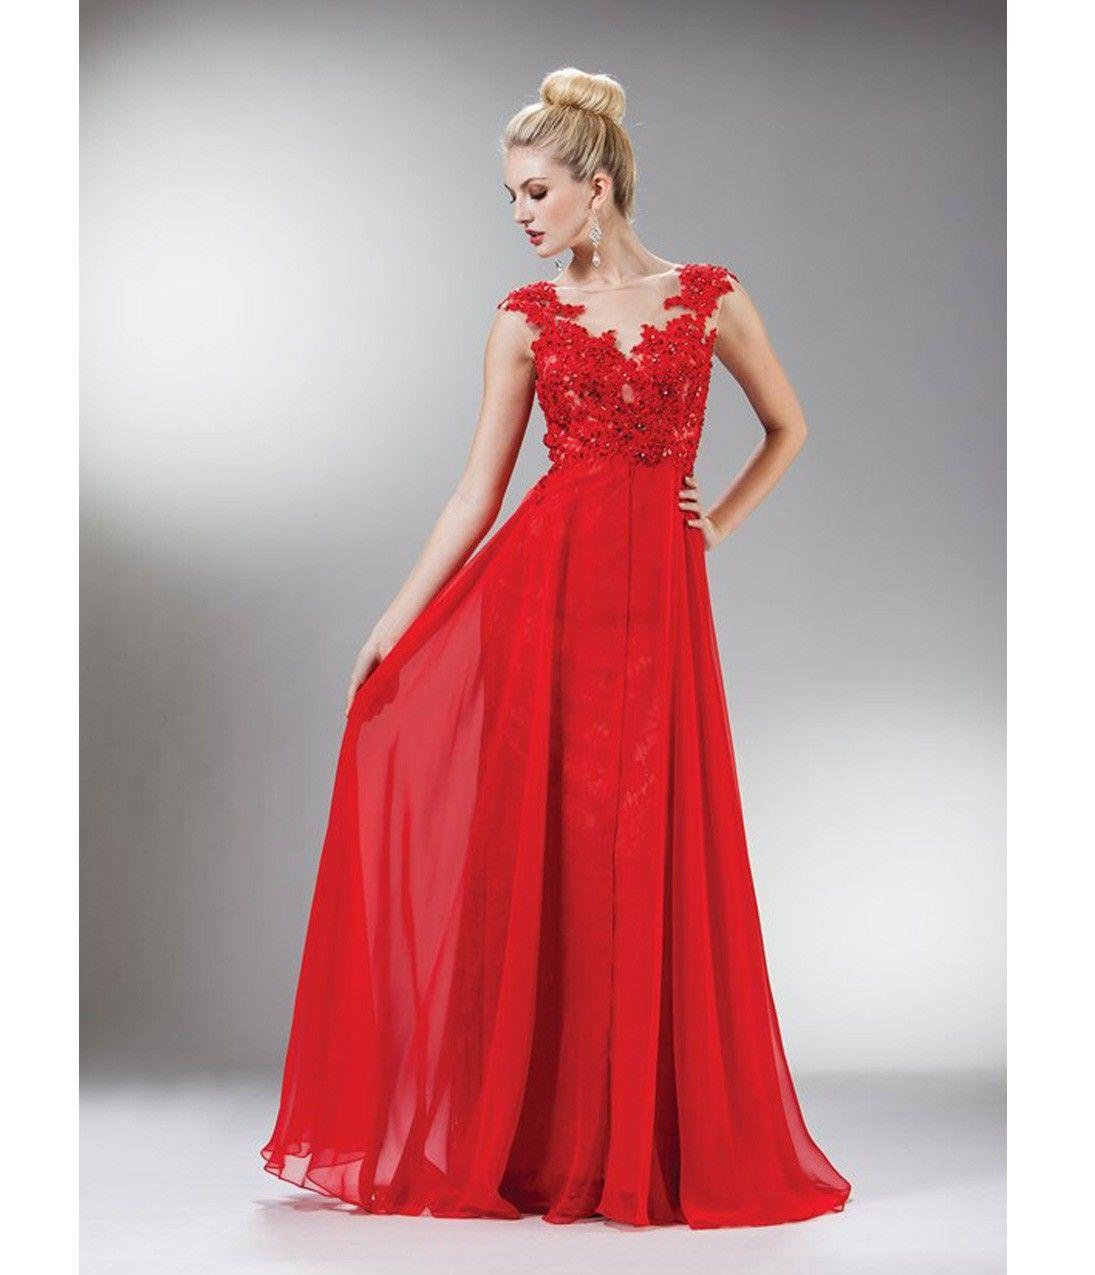 Red Chiffon Beaded Dress